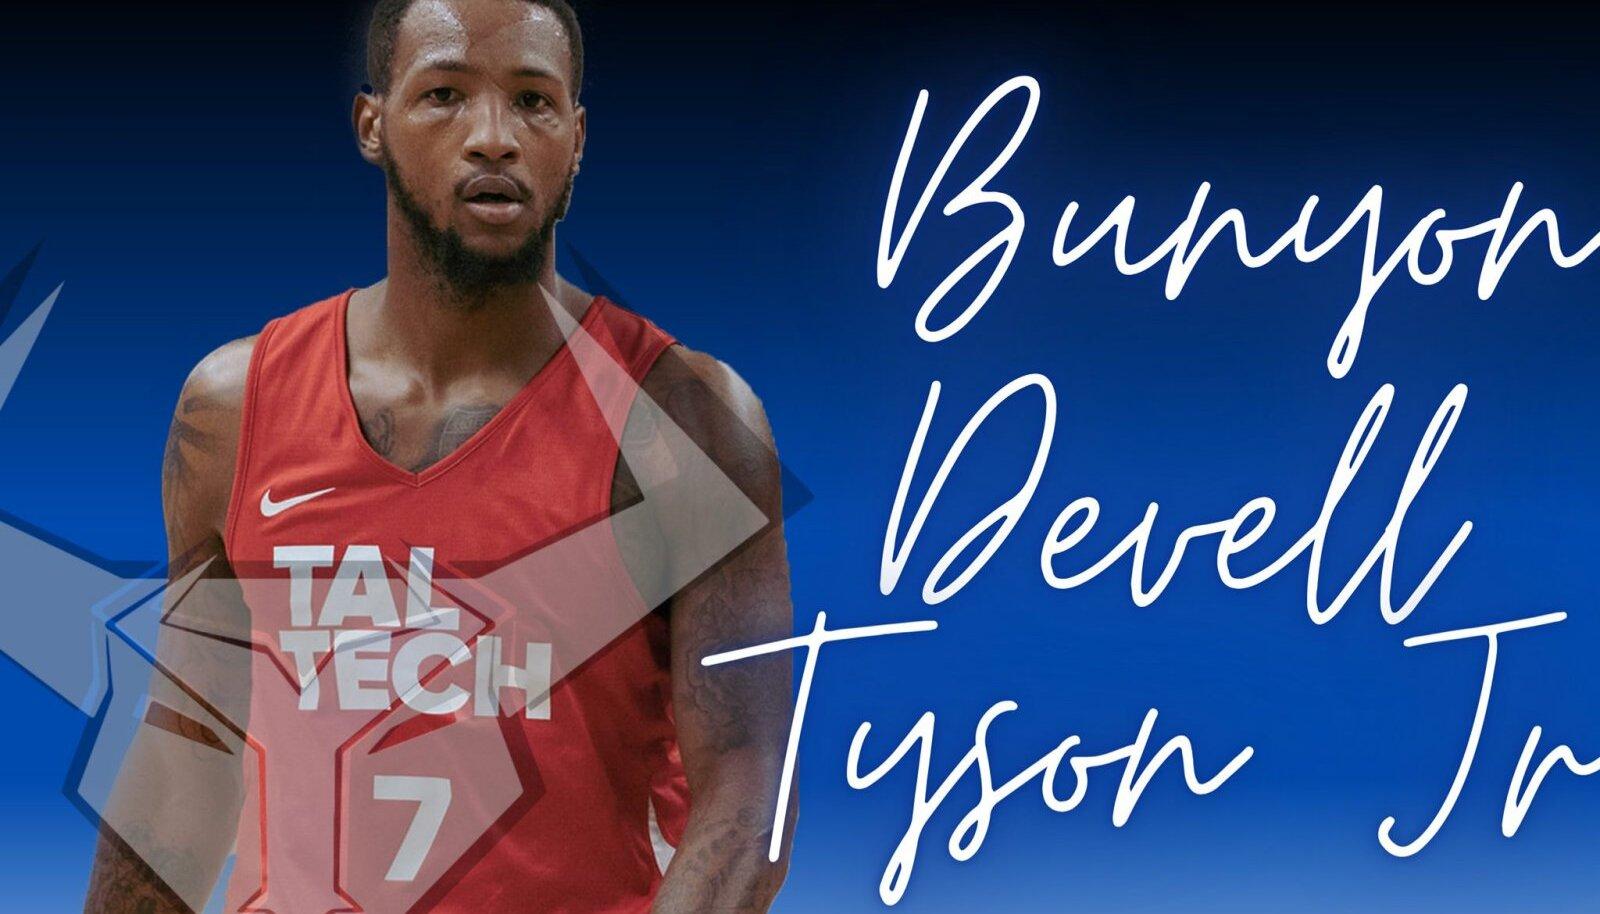 Bunyon Devell Tyson Jr